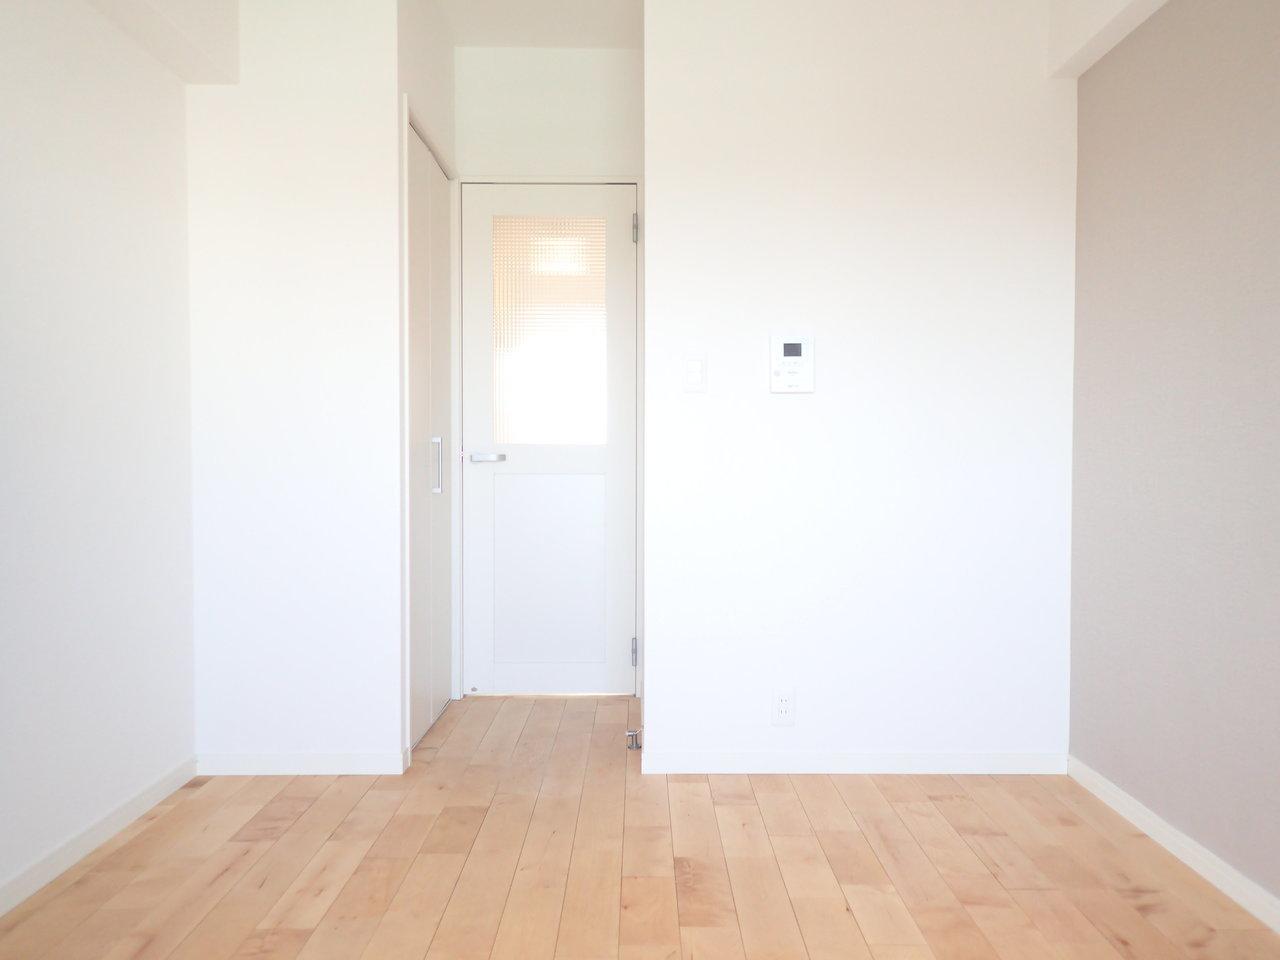 コンパクトではありますが、一人暮らしには十分なサイズ。お部屋は天然の木材をふんだんに使ったgoodroomオリジナルリノベーション、TOMOS仕様になっています。